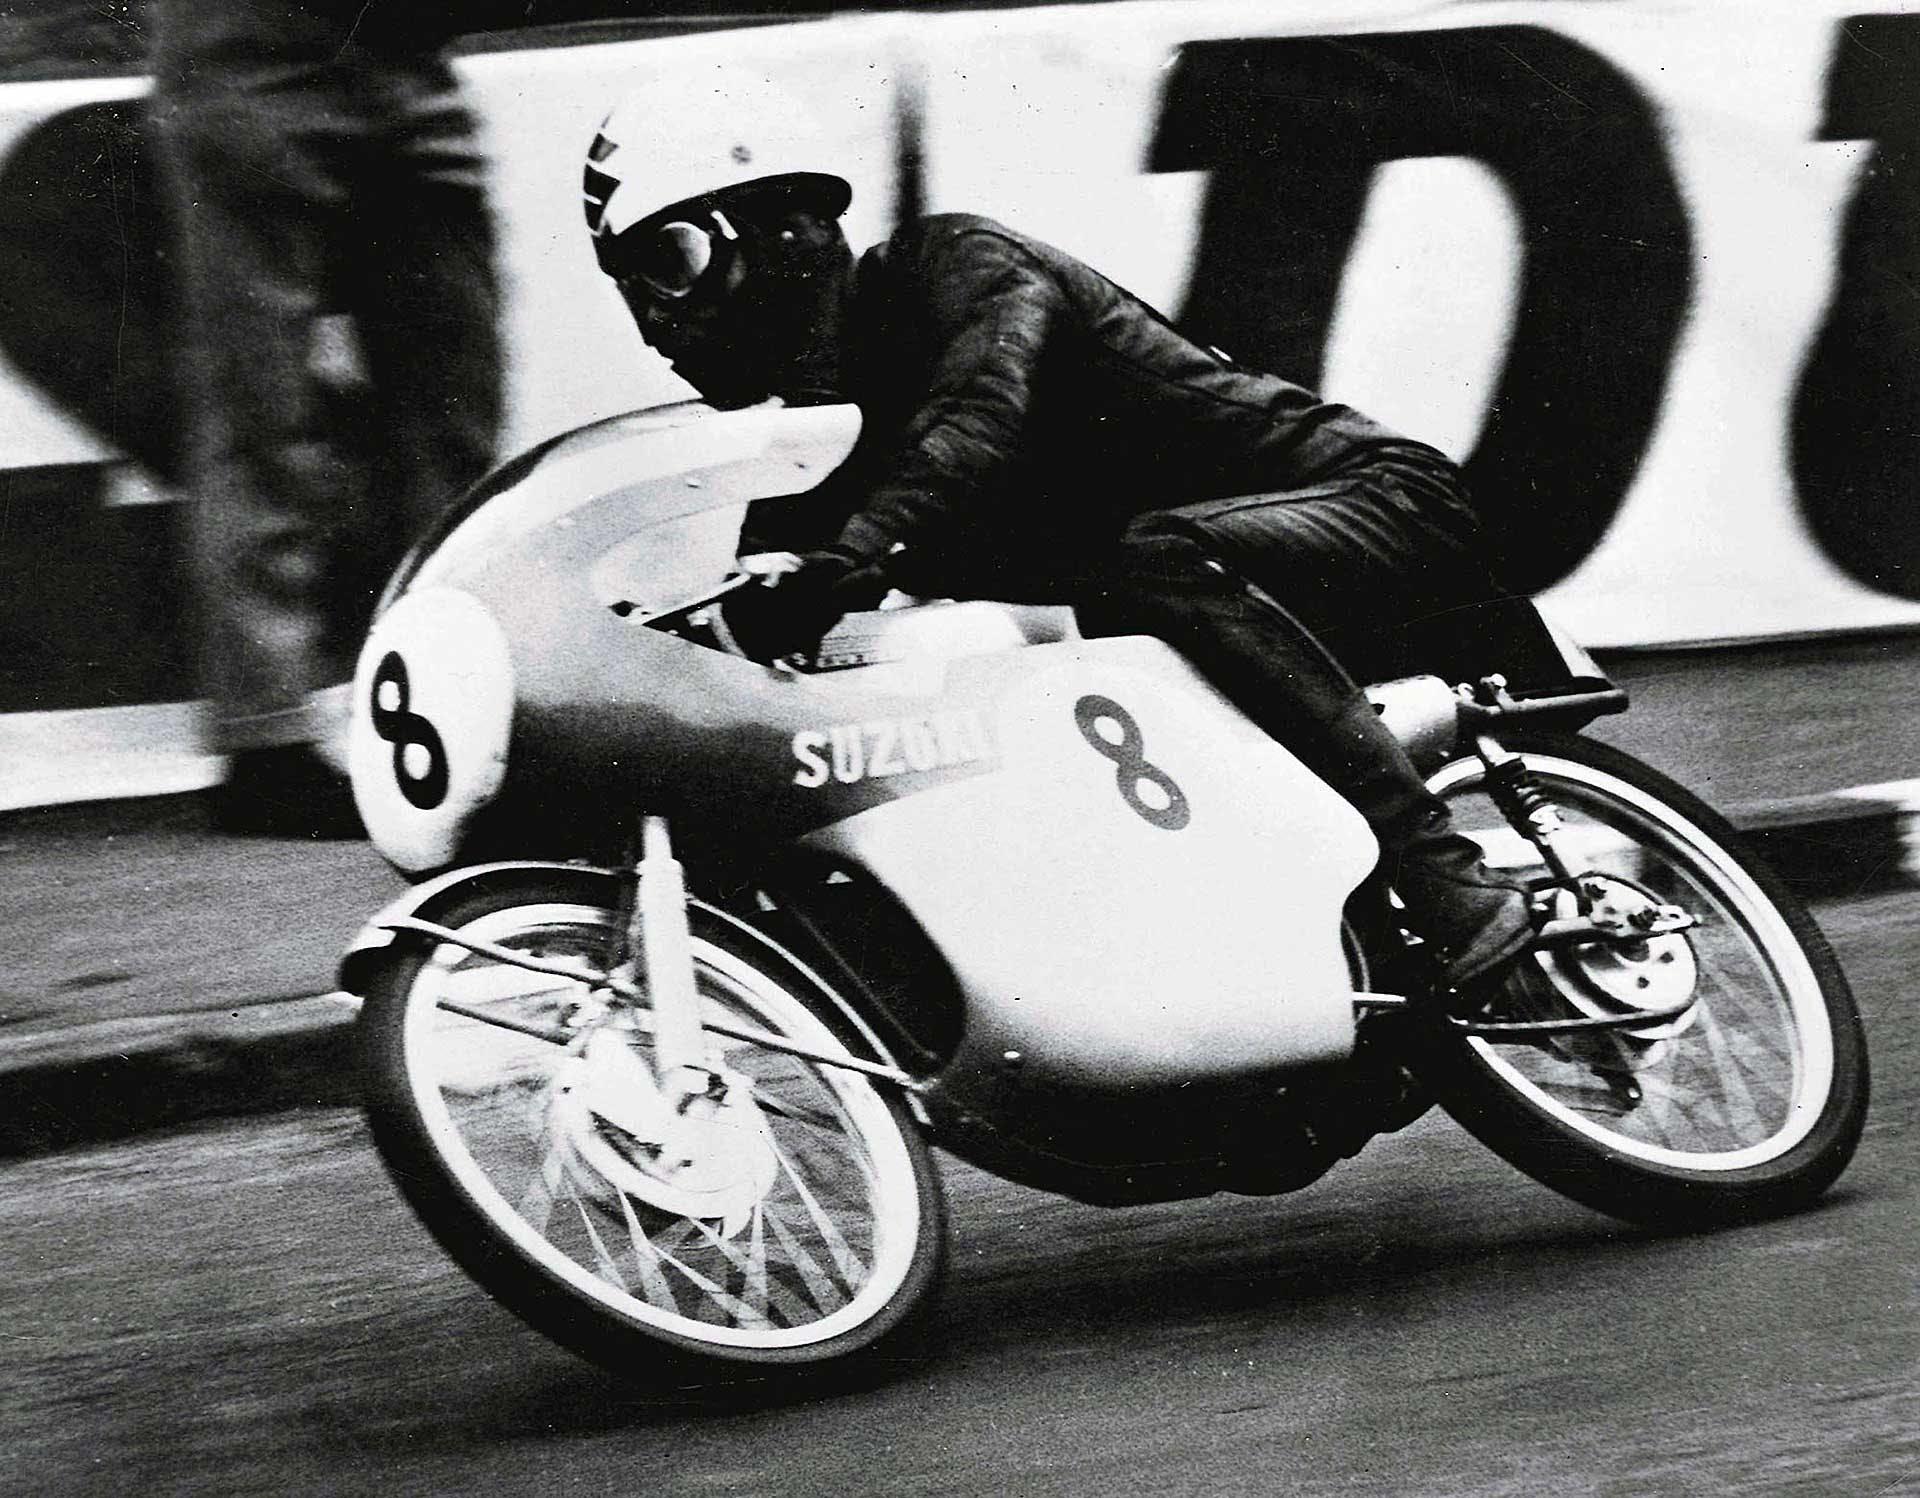 Suzuki 1962 TT